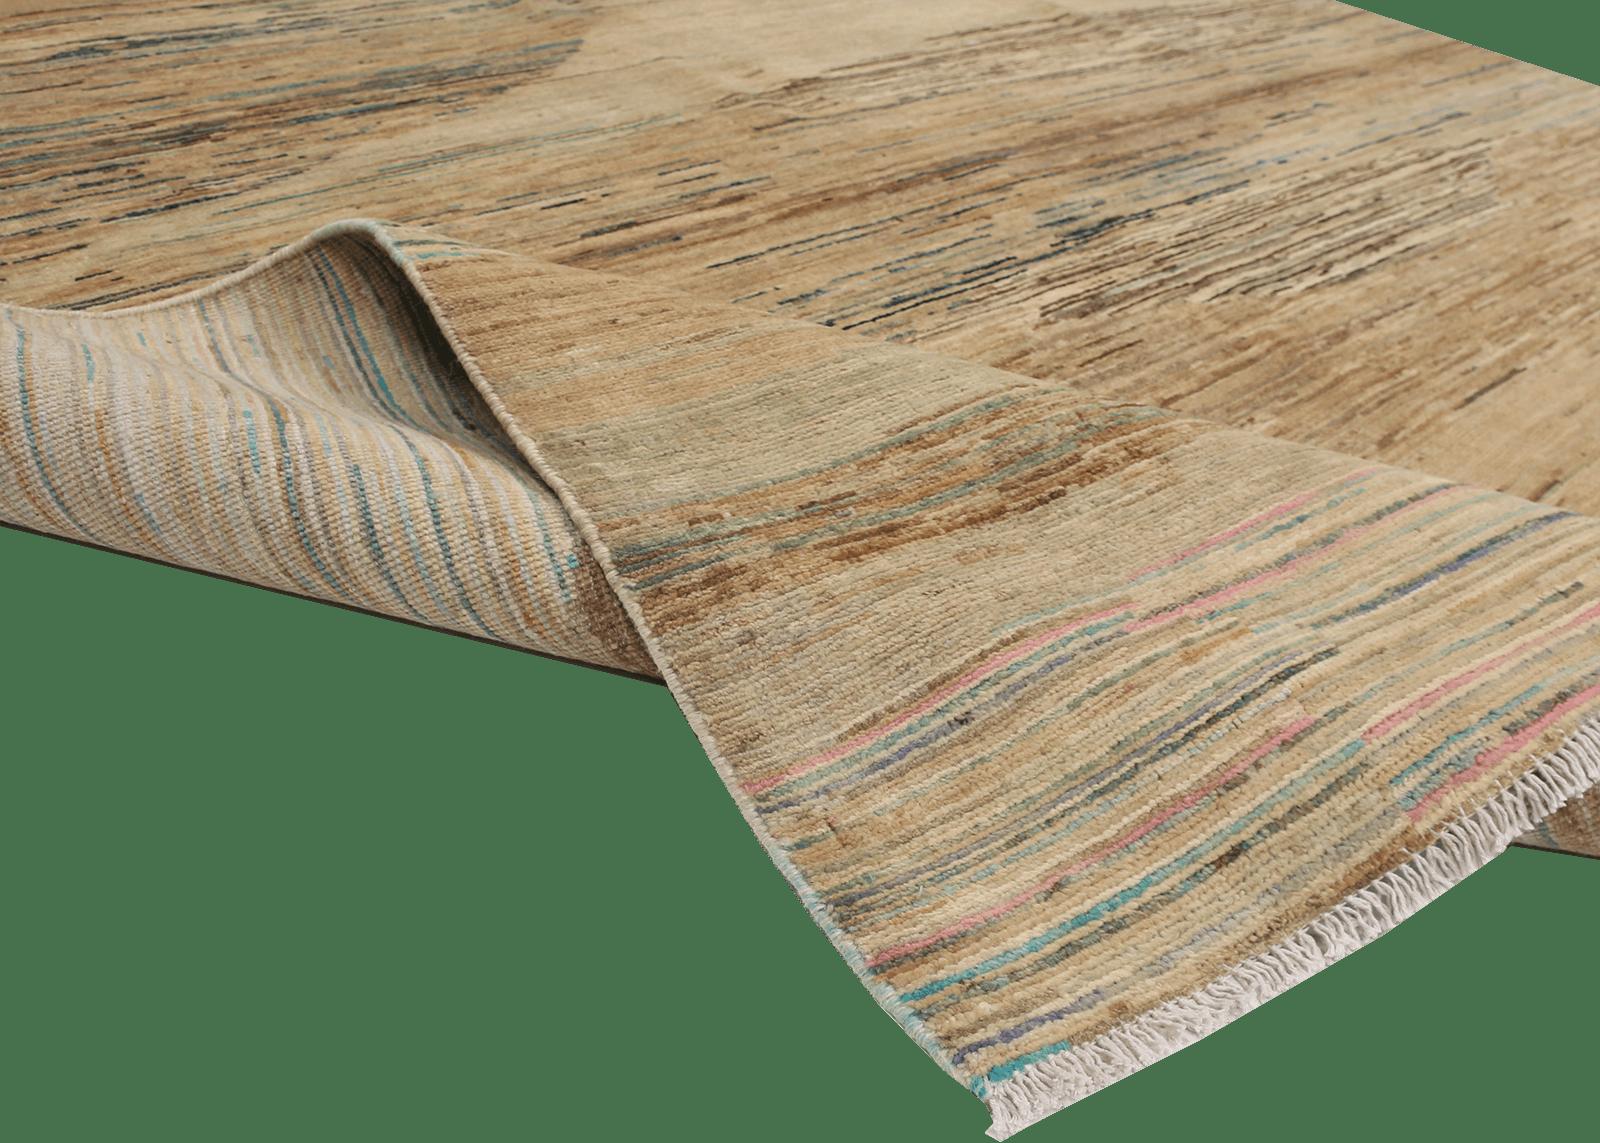 gabbeh-zagros-desert-wave-tapijt-moderne-tapijten-luxe-exclusieve-vloerkleden-nomaden-tapijt-koreman-maastricht